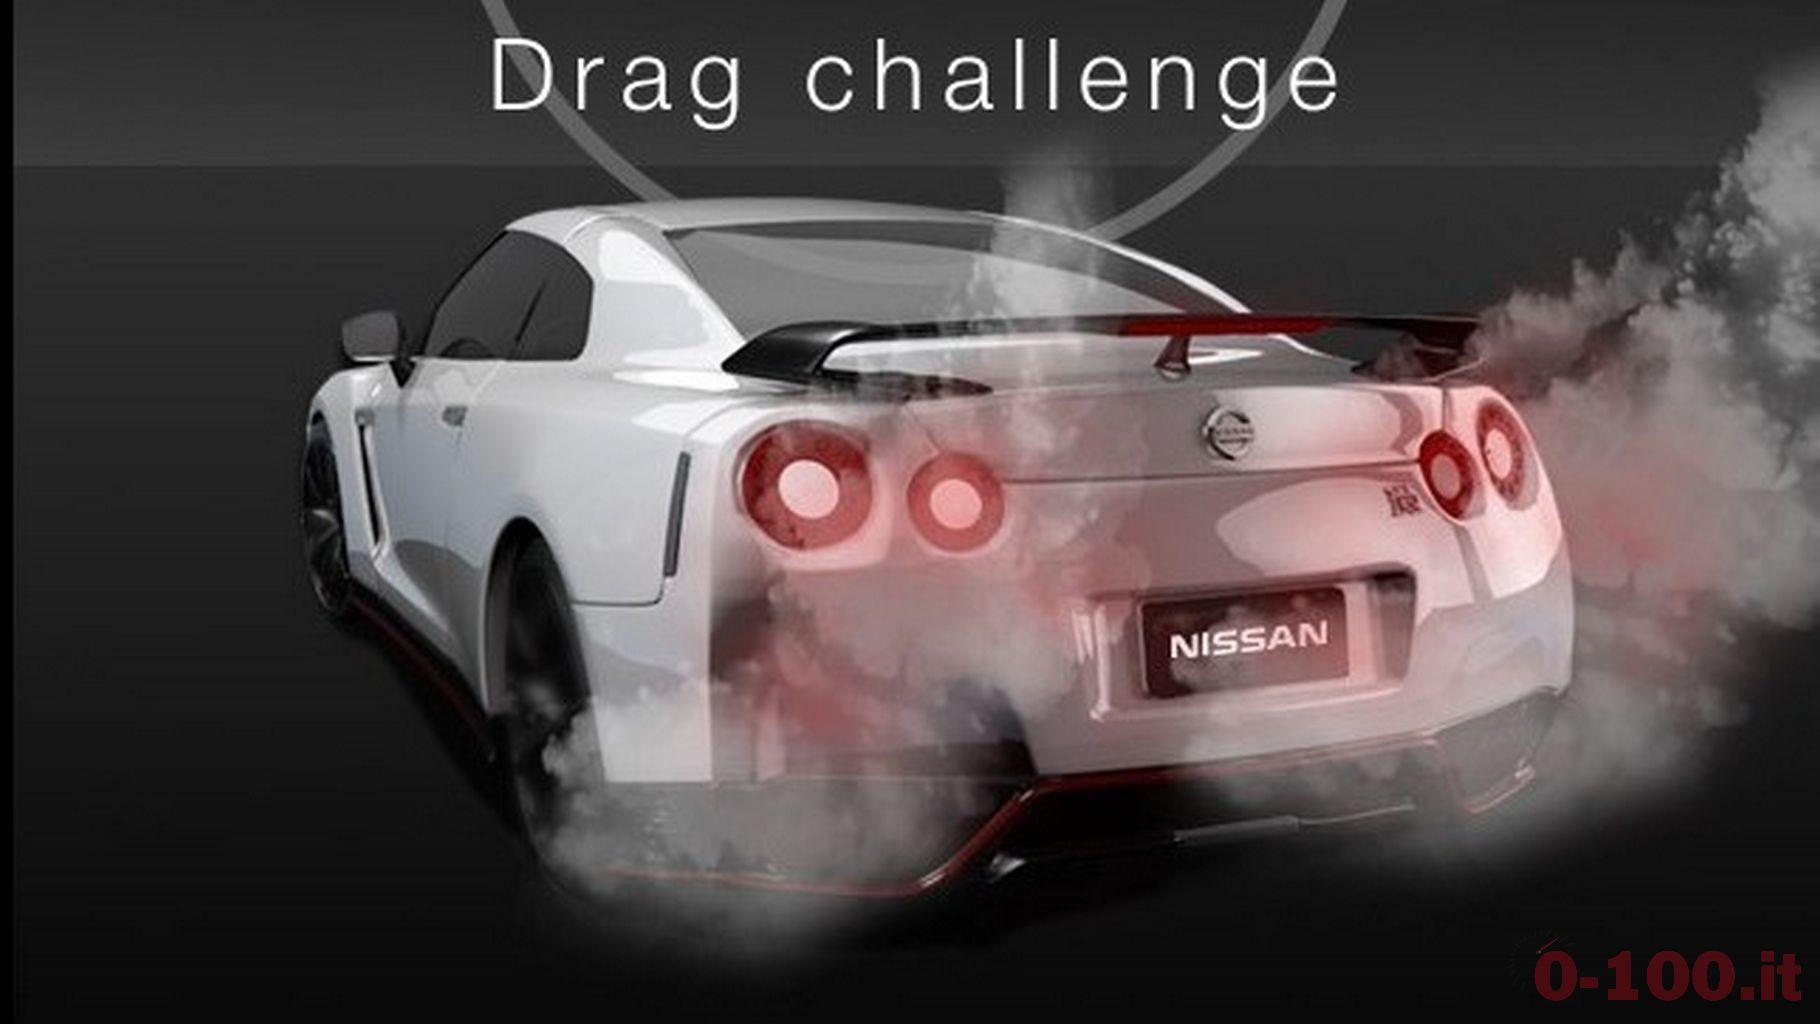 gt-academy-challenge-2014-su-facebook-granturismo6-playstation_0-1007